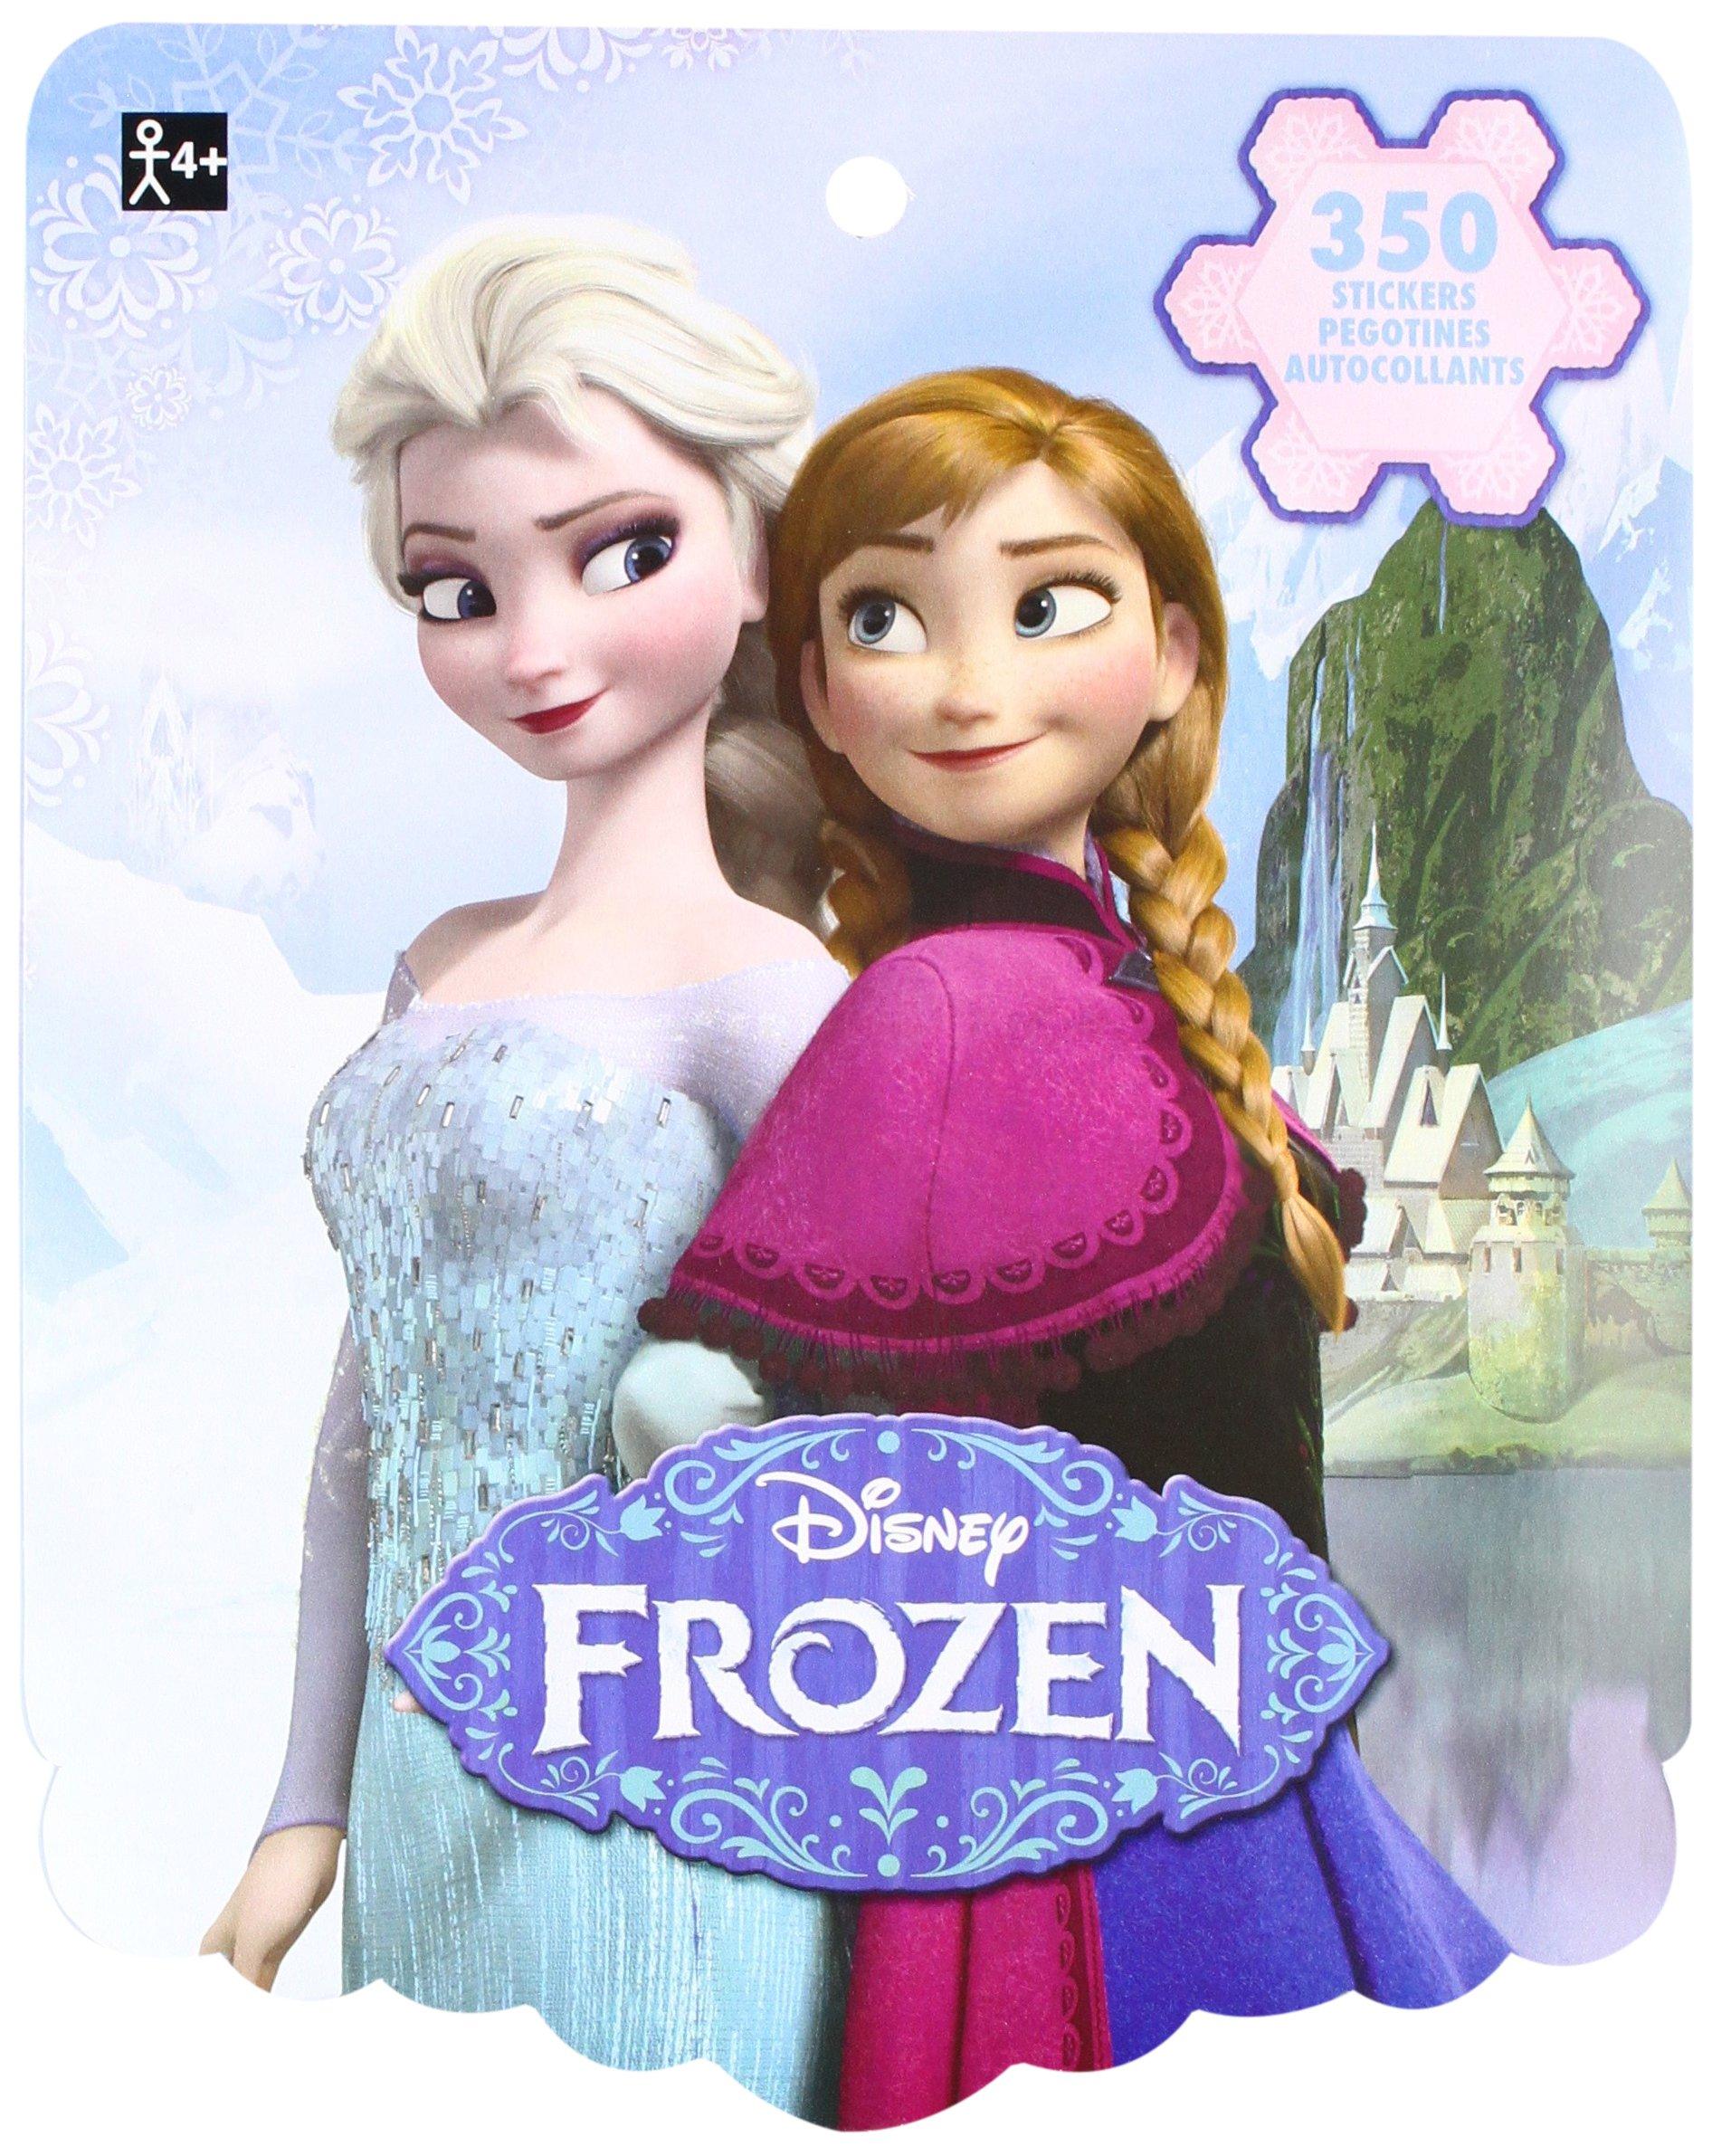 Amscan Disney Frozen 8-Sheet Sticker Book Favours, Paper, 10'' x 8'' Childrens-Party-Favor-Sets, 3000 Pieces